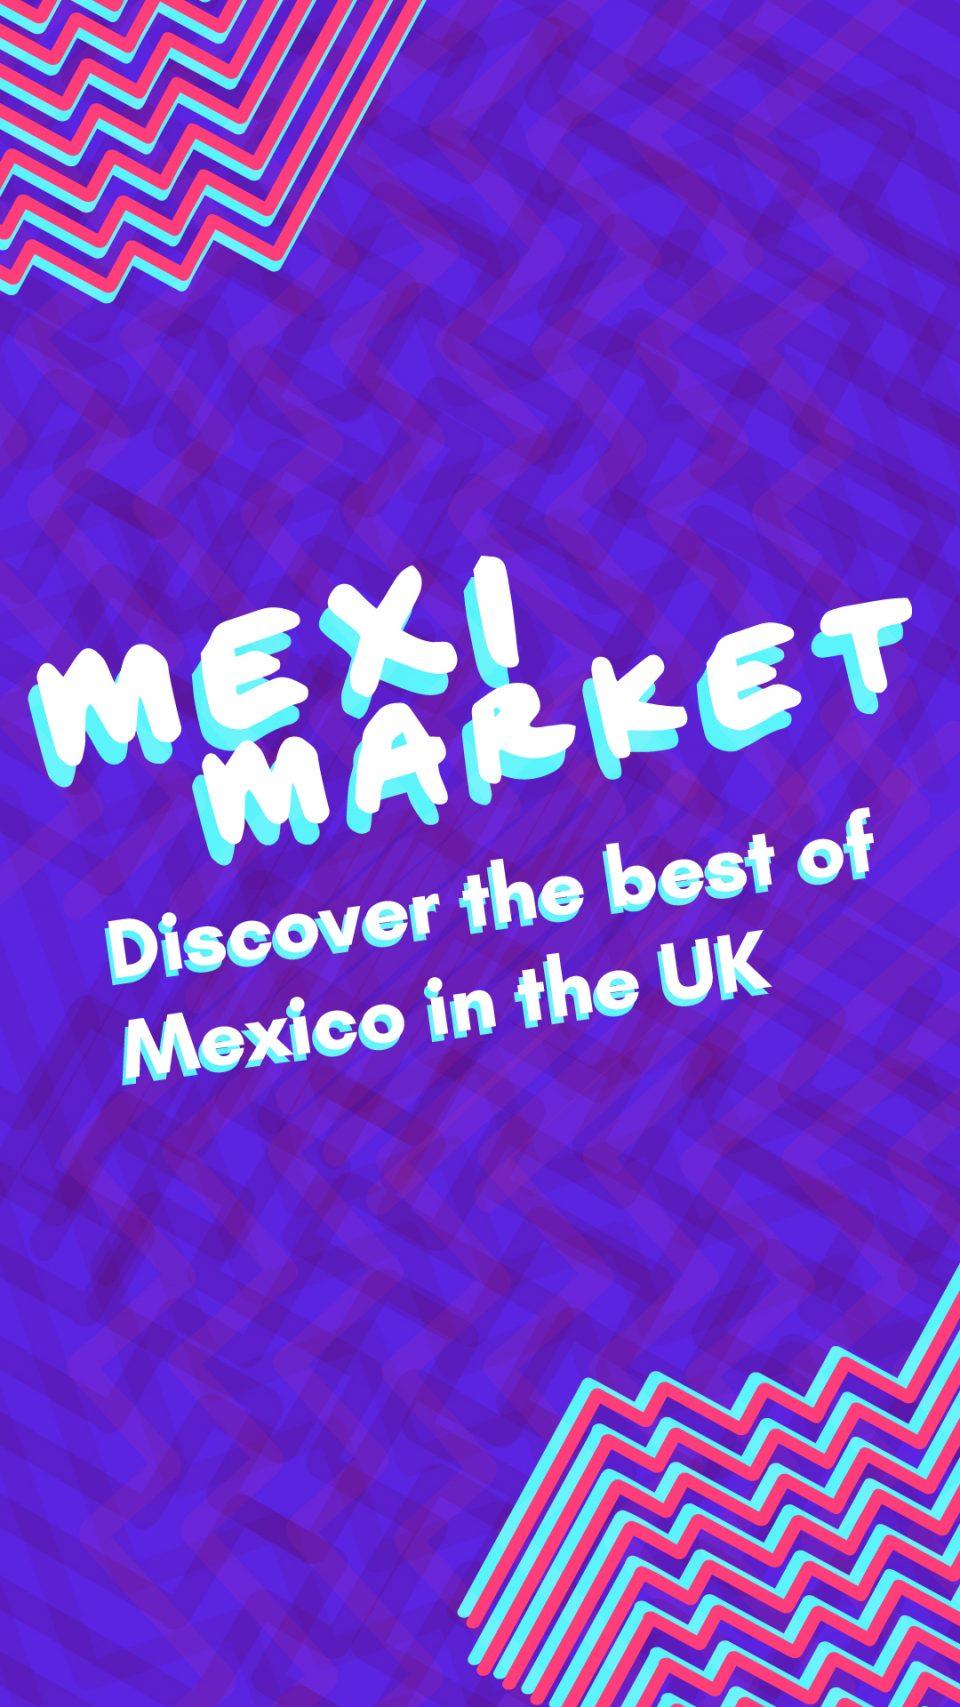 meximarket ig story 3